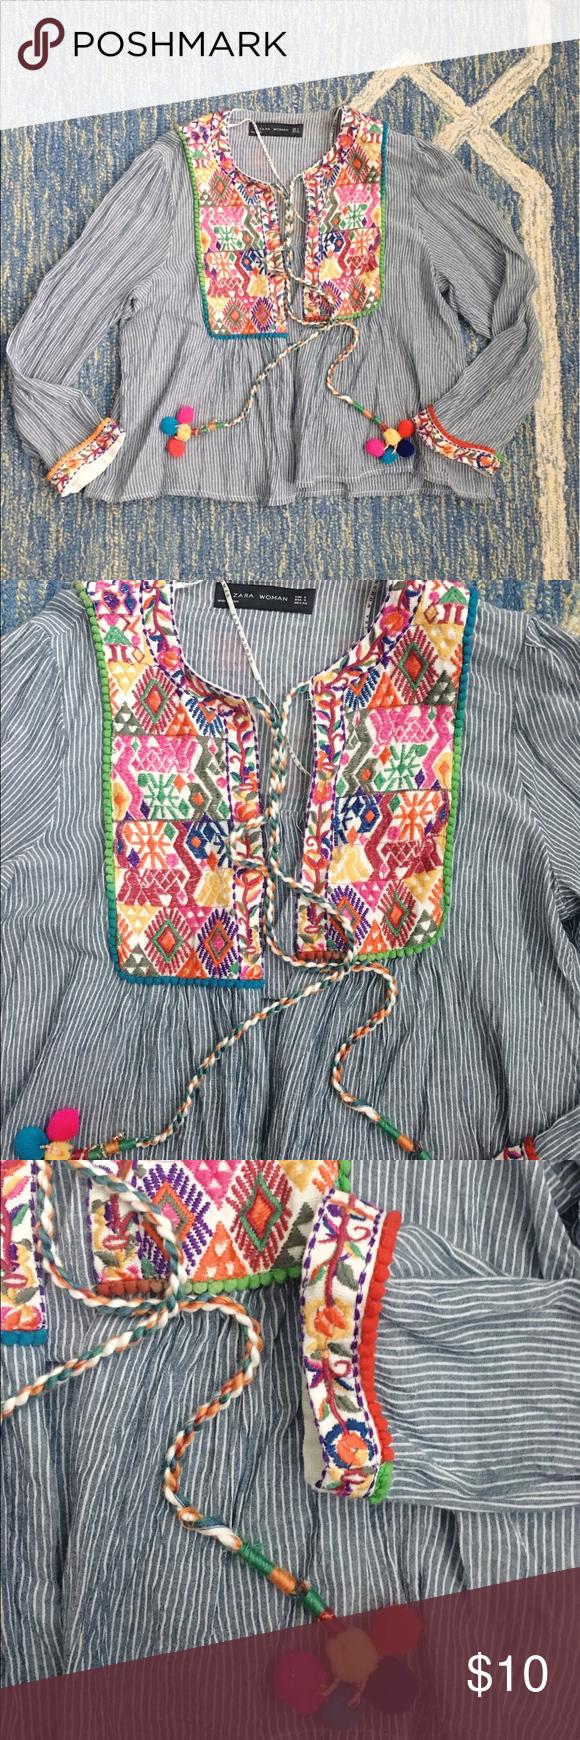 Zara Embroidered Pom Pom Summer Jacket Small Pinterest Summer